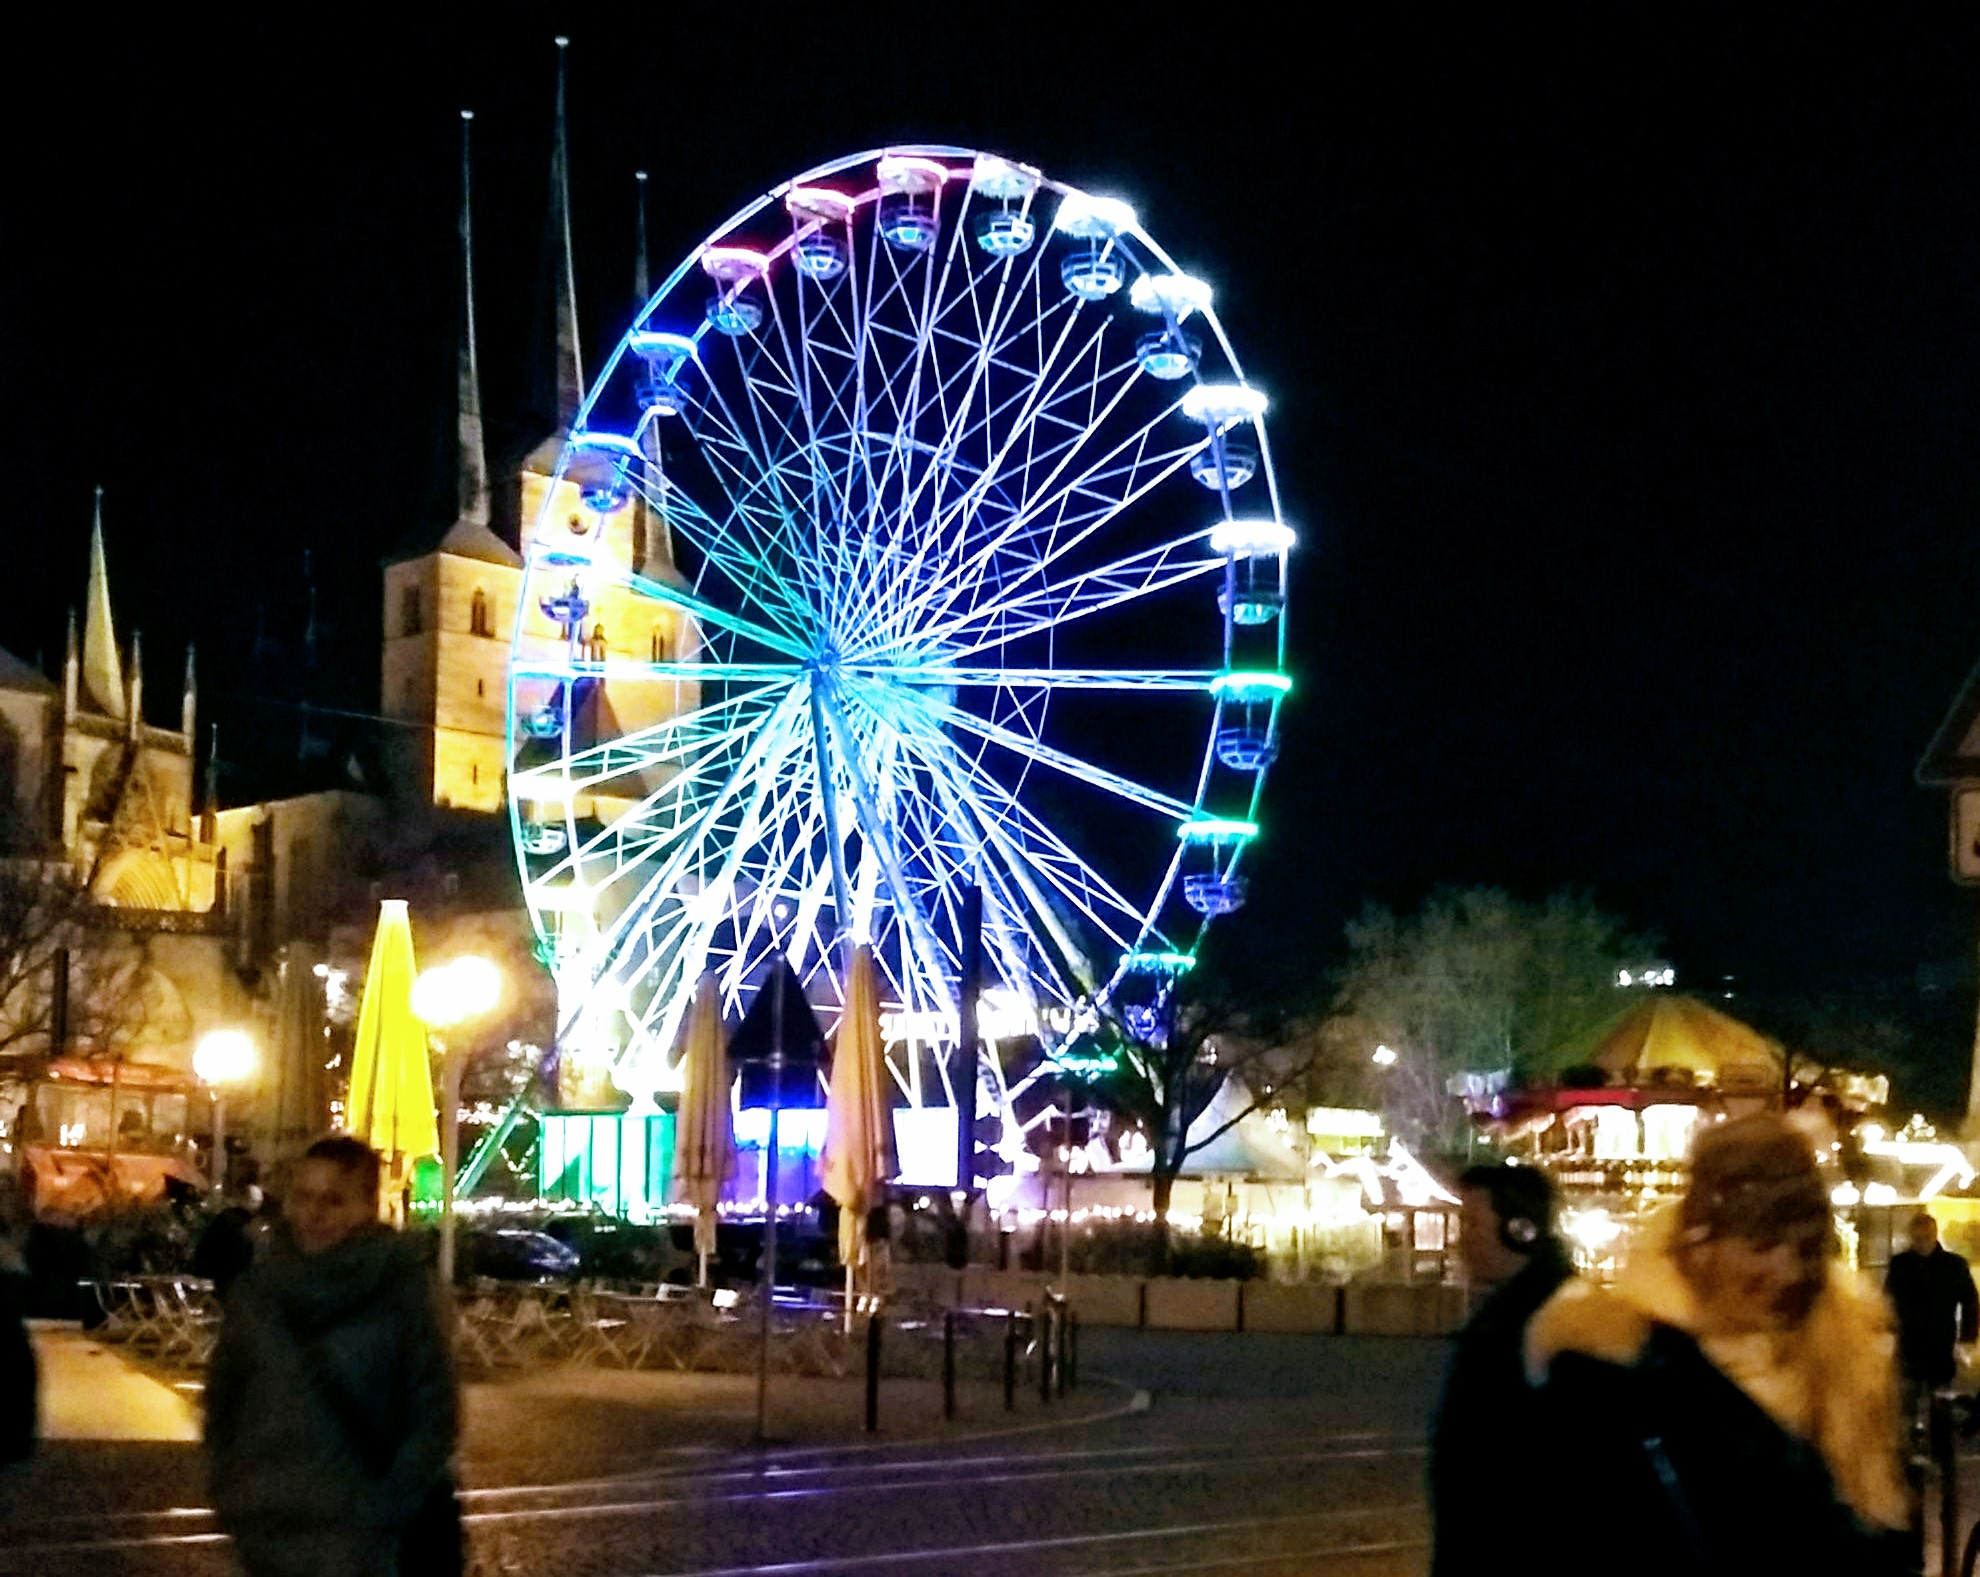 Weihnachtsmarkt Erfurt.Erfurter Weihnachtsmarkt öffnungszeiten Domplatz Erfurt Emanuel